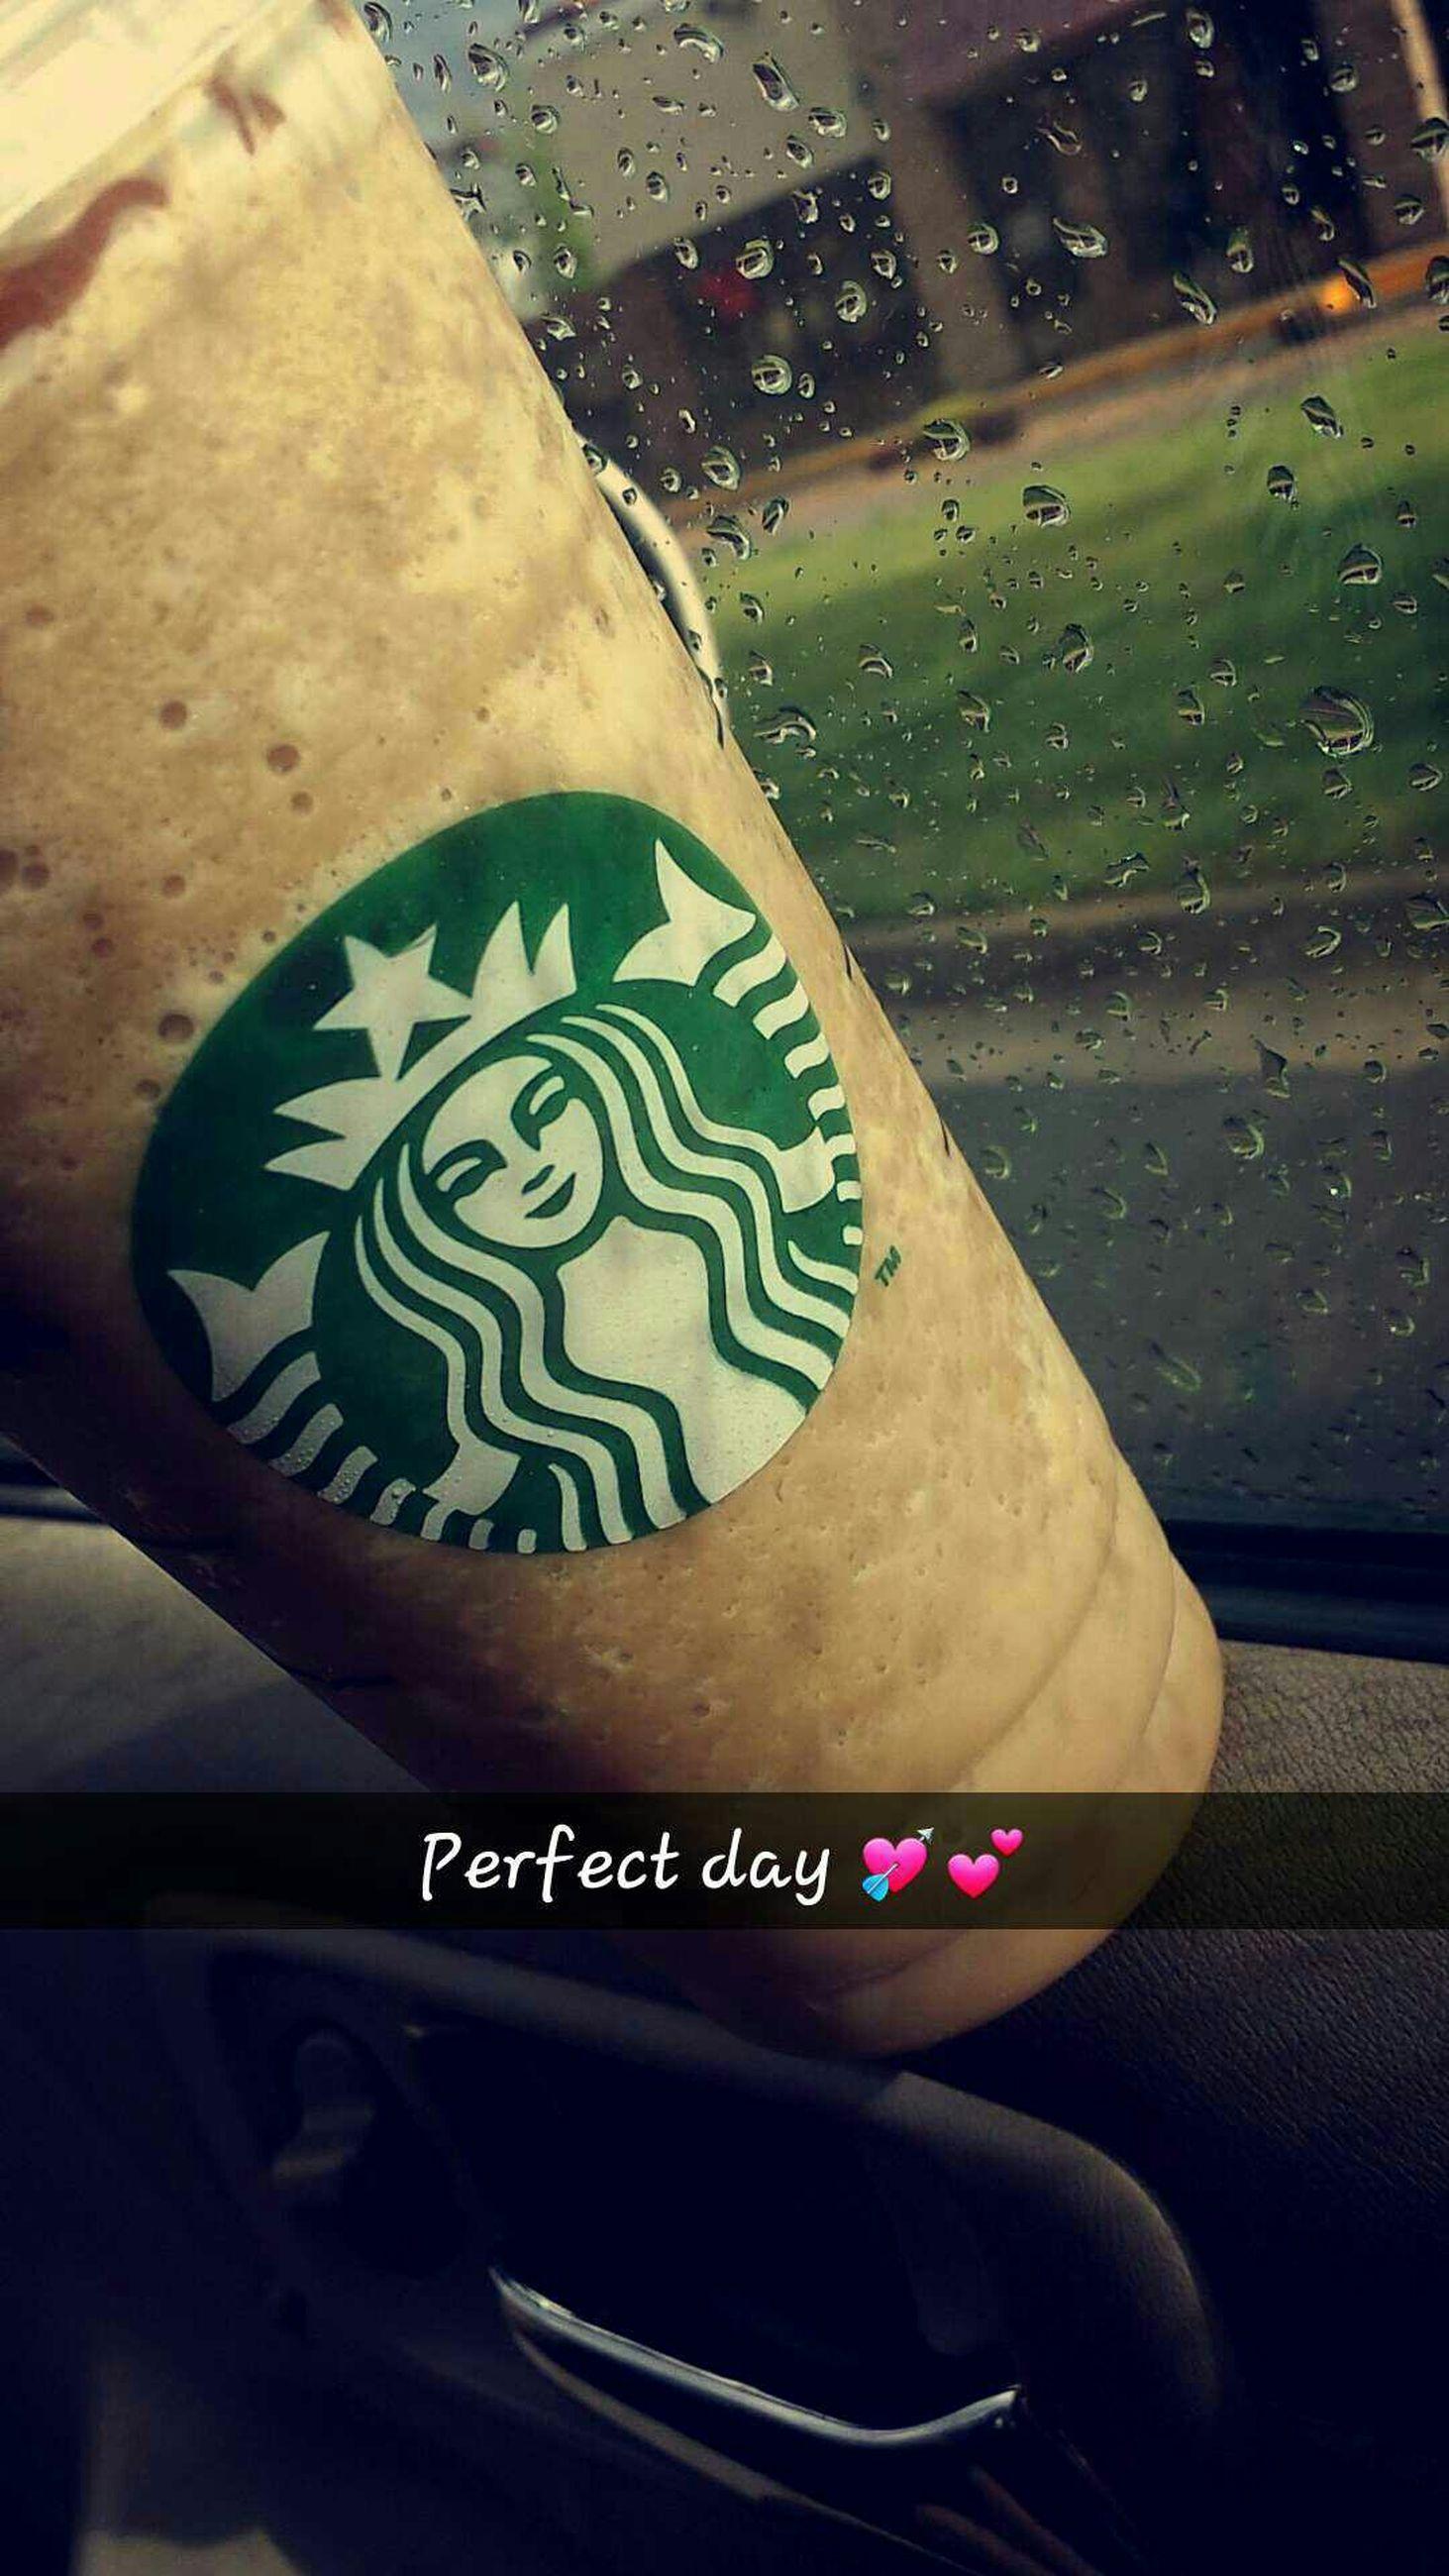 Perfect Day Starbucks Rain Rainy Days☔